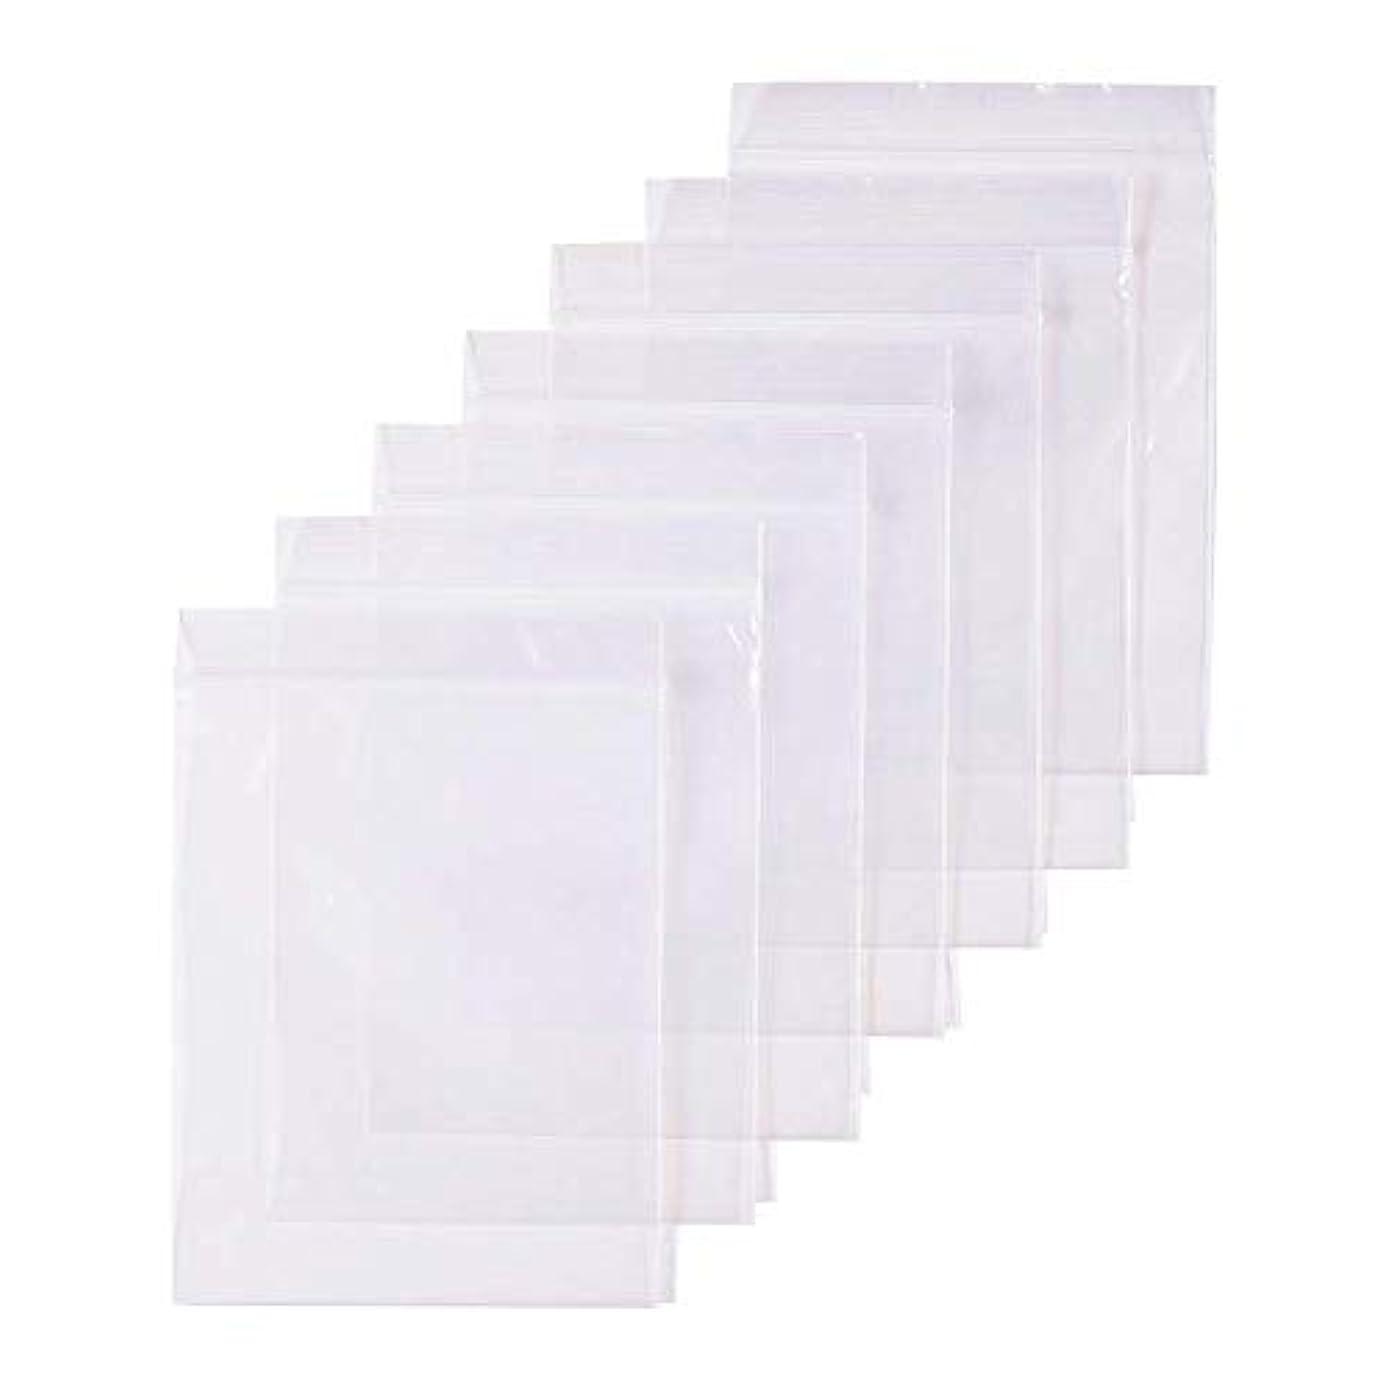 値下げペインティング真っ逆さま300枚 セット透明 リサイクル可能プラスチック袋チャック付ポリ袋 密封保存袋